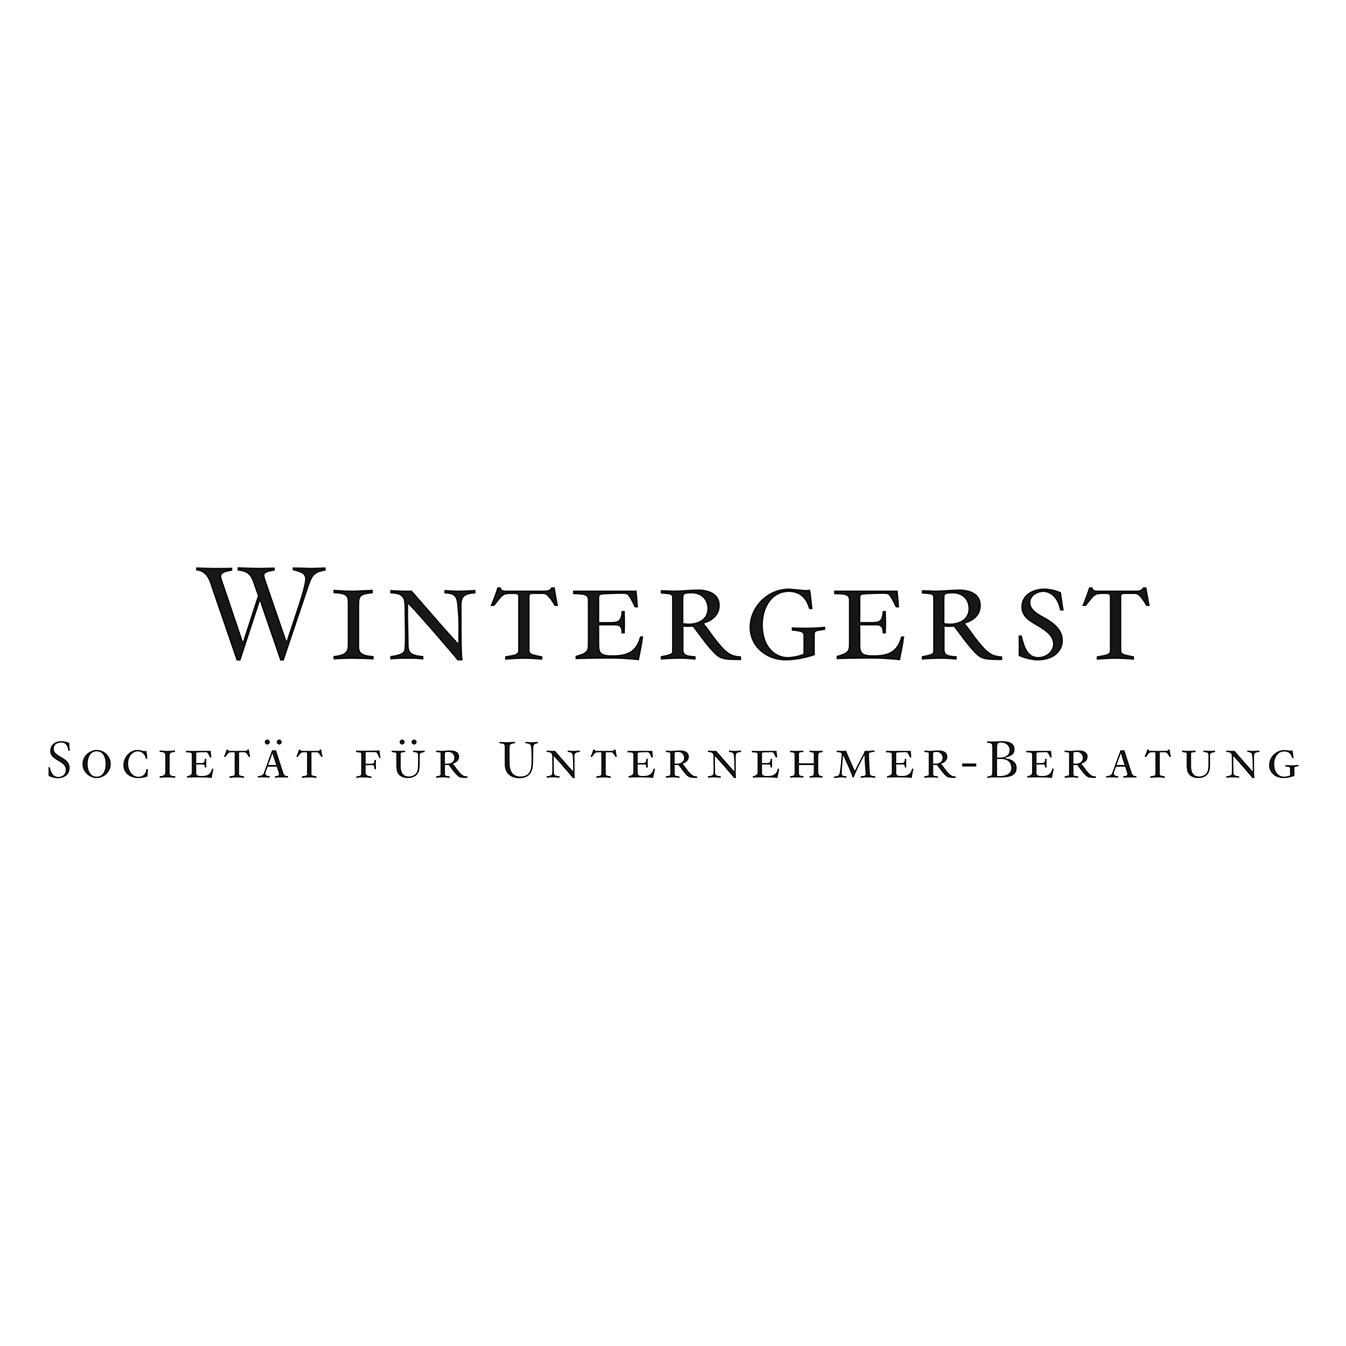 Bild zu Wintergerst Societät für Unternehmer-Beratung GmbH & Co. KG in Hamburg